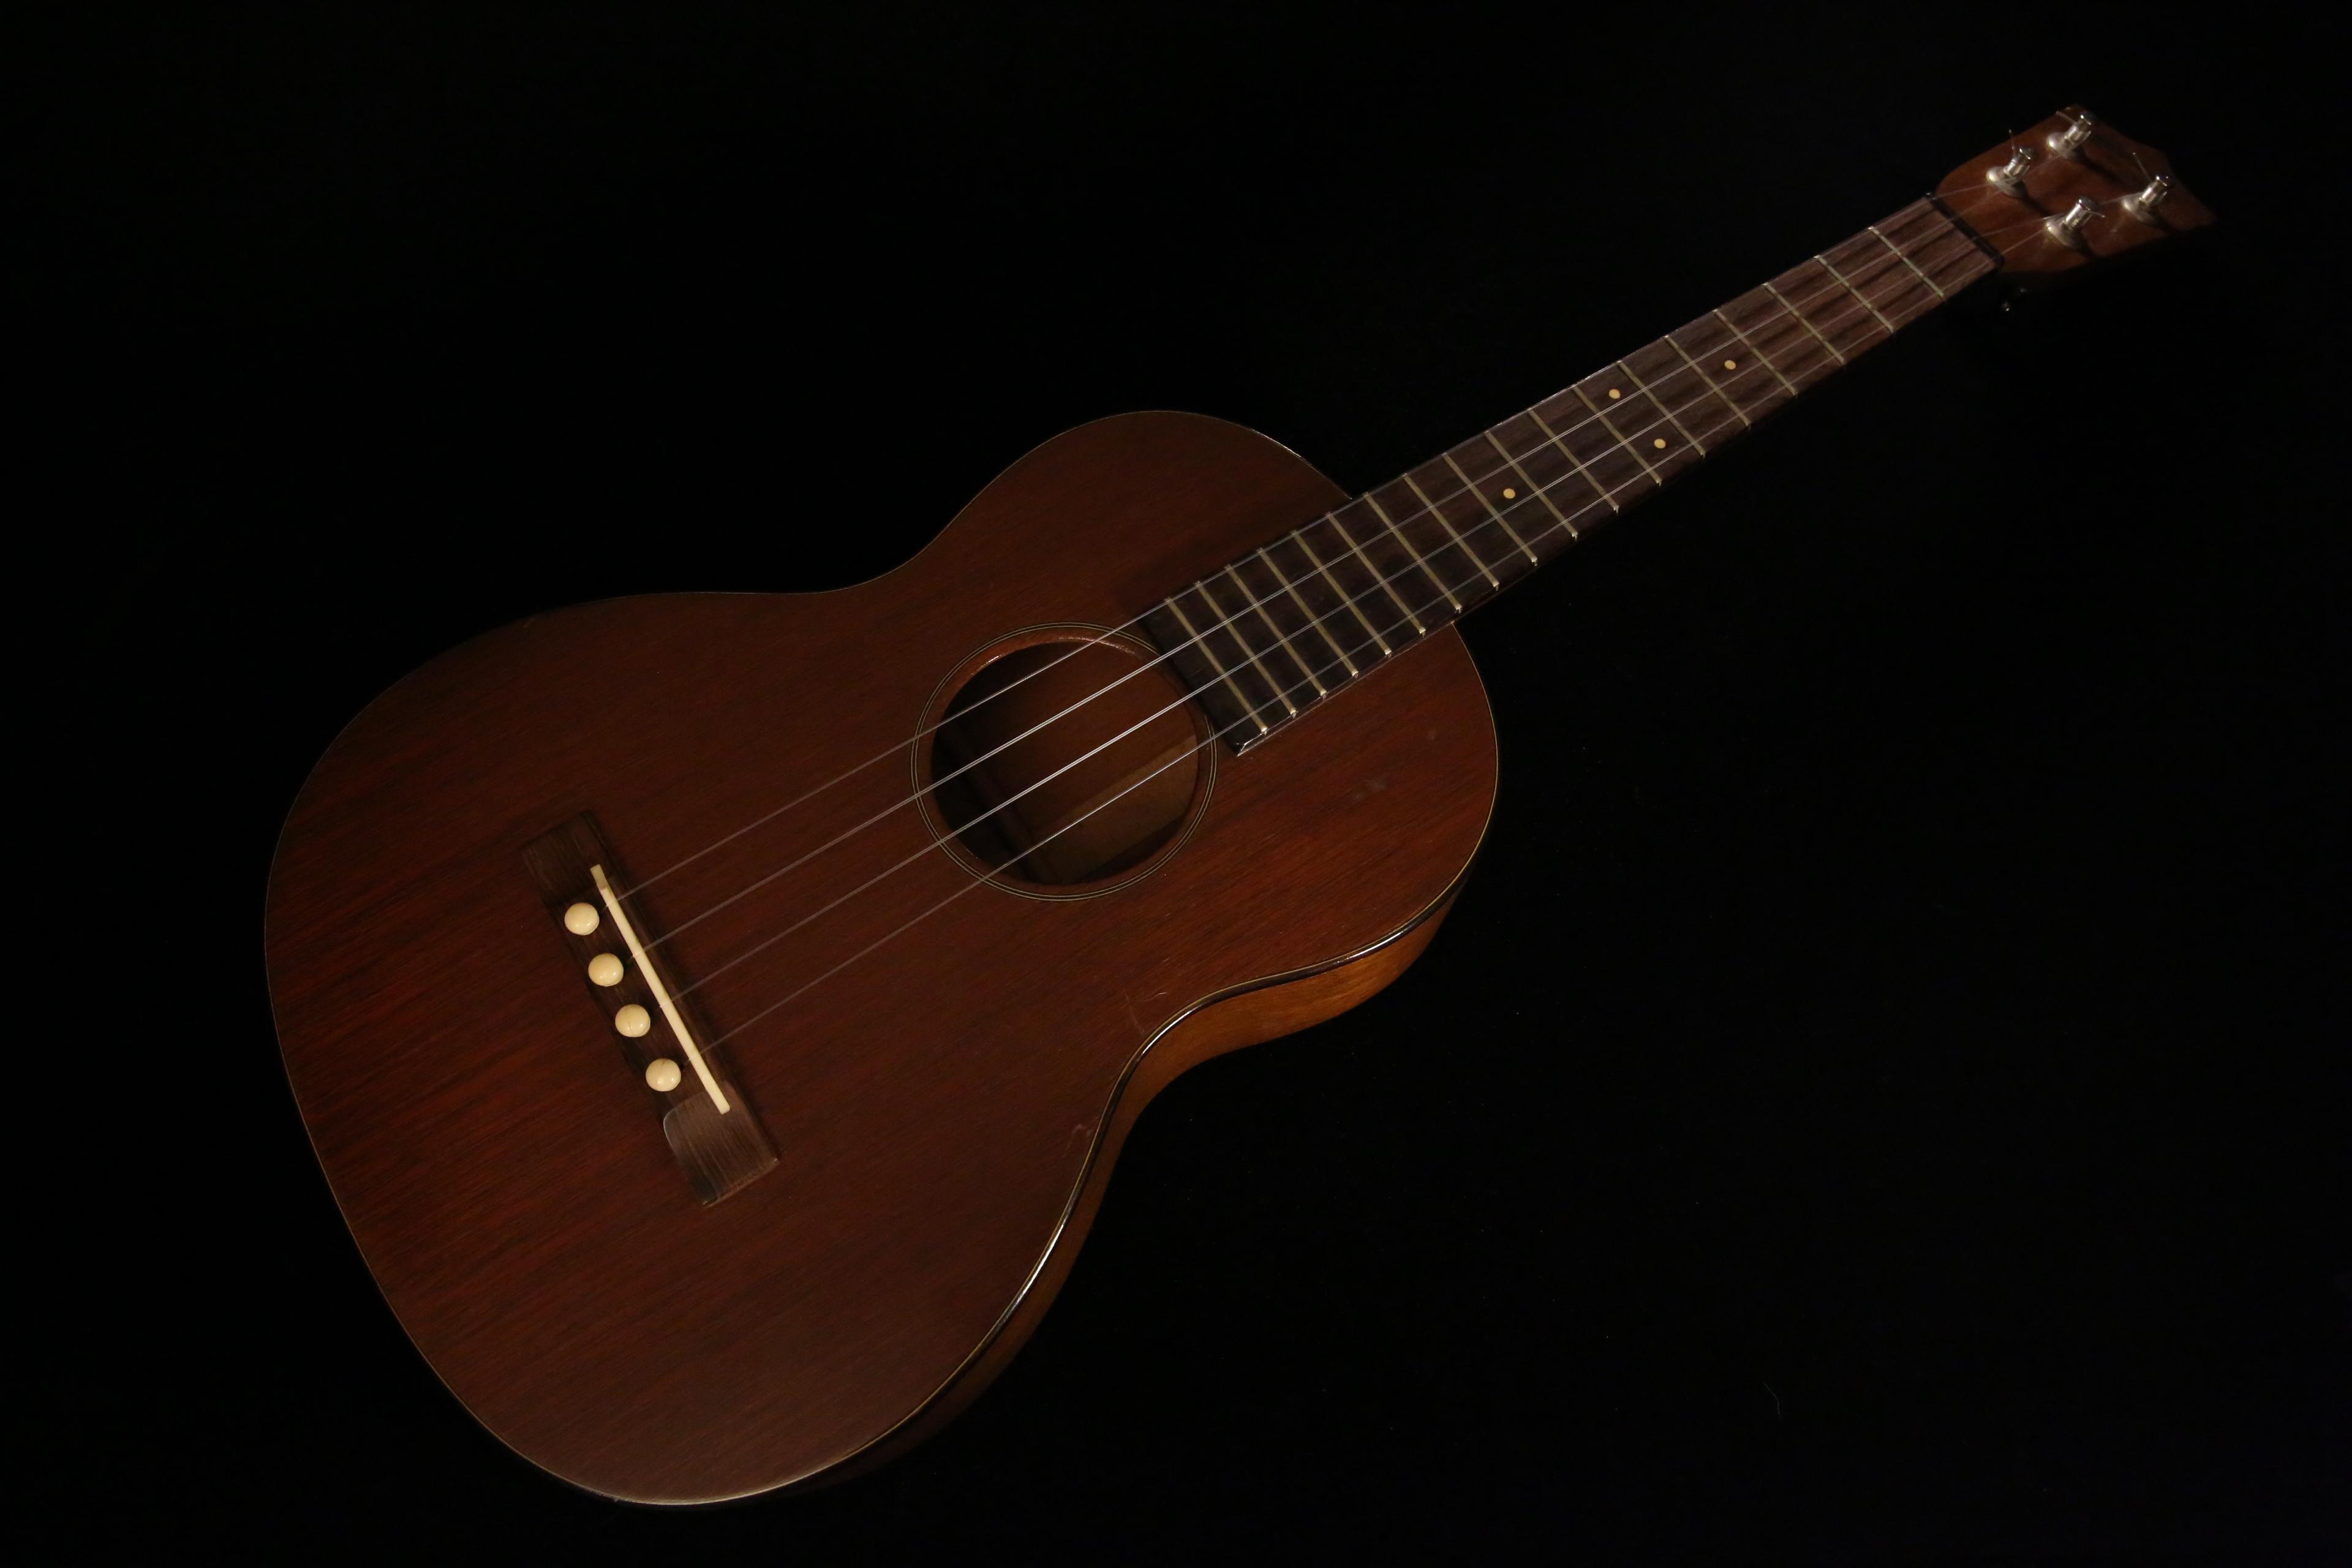 ukulele friend 1940s martin ukulele for sale ukulele friend. Black Bedroom Furniture Sets. Home Design Ideas